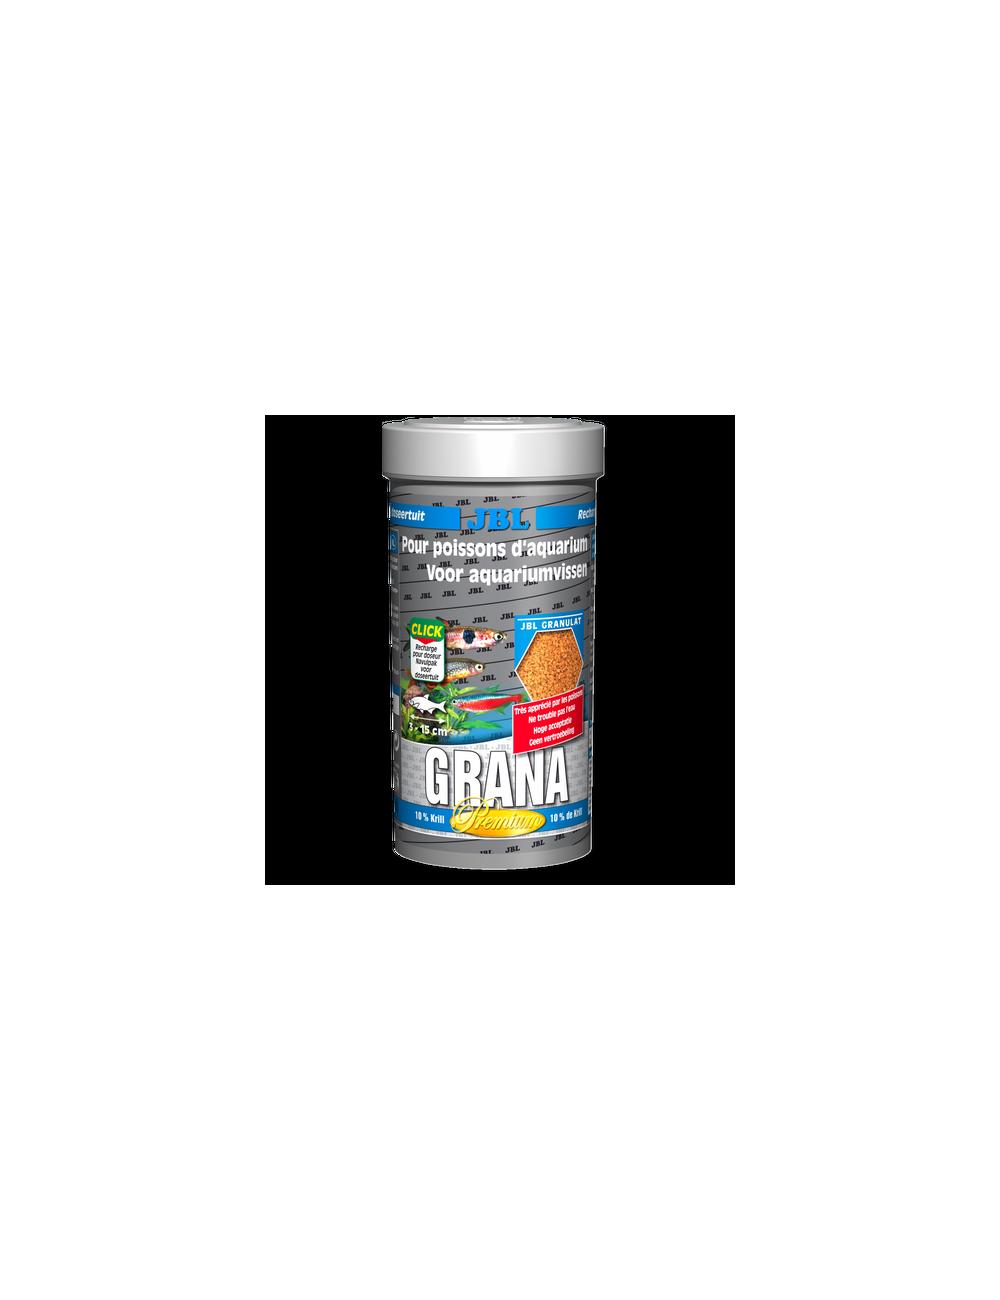 JBL - Grana - 250 ml - Aliment de base Premium en granulés pour petits poissons d'aquarium, avec doseur à clics